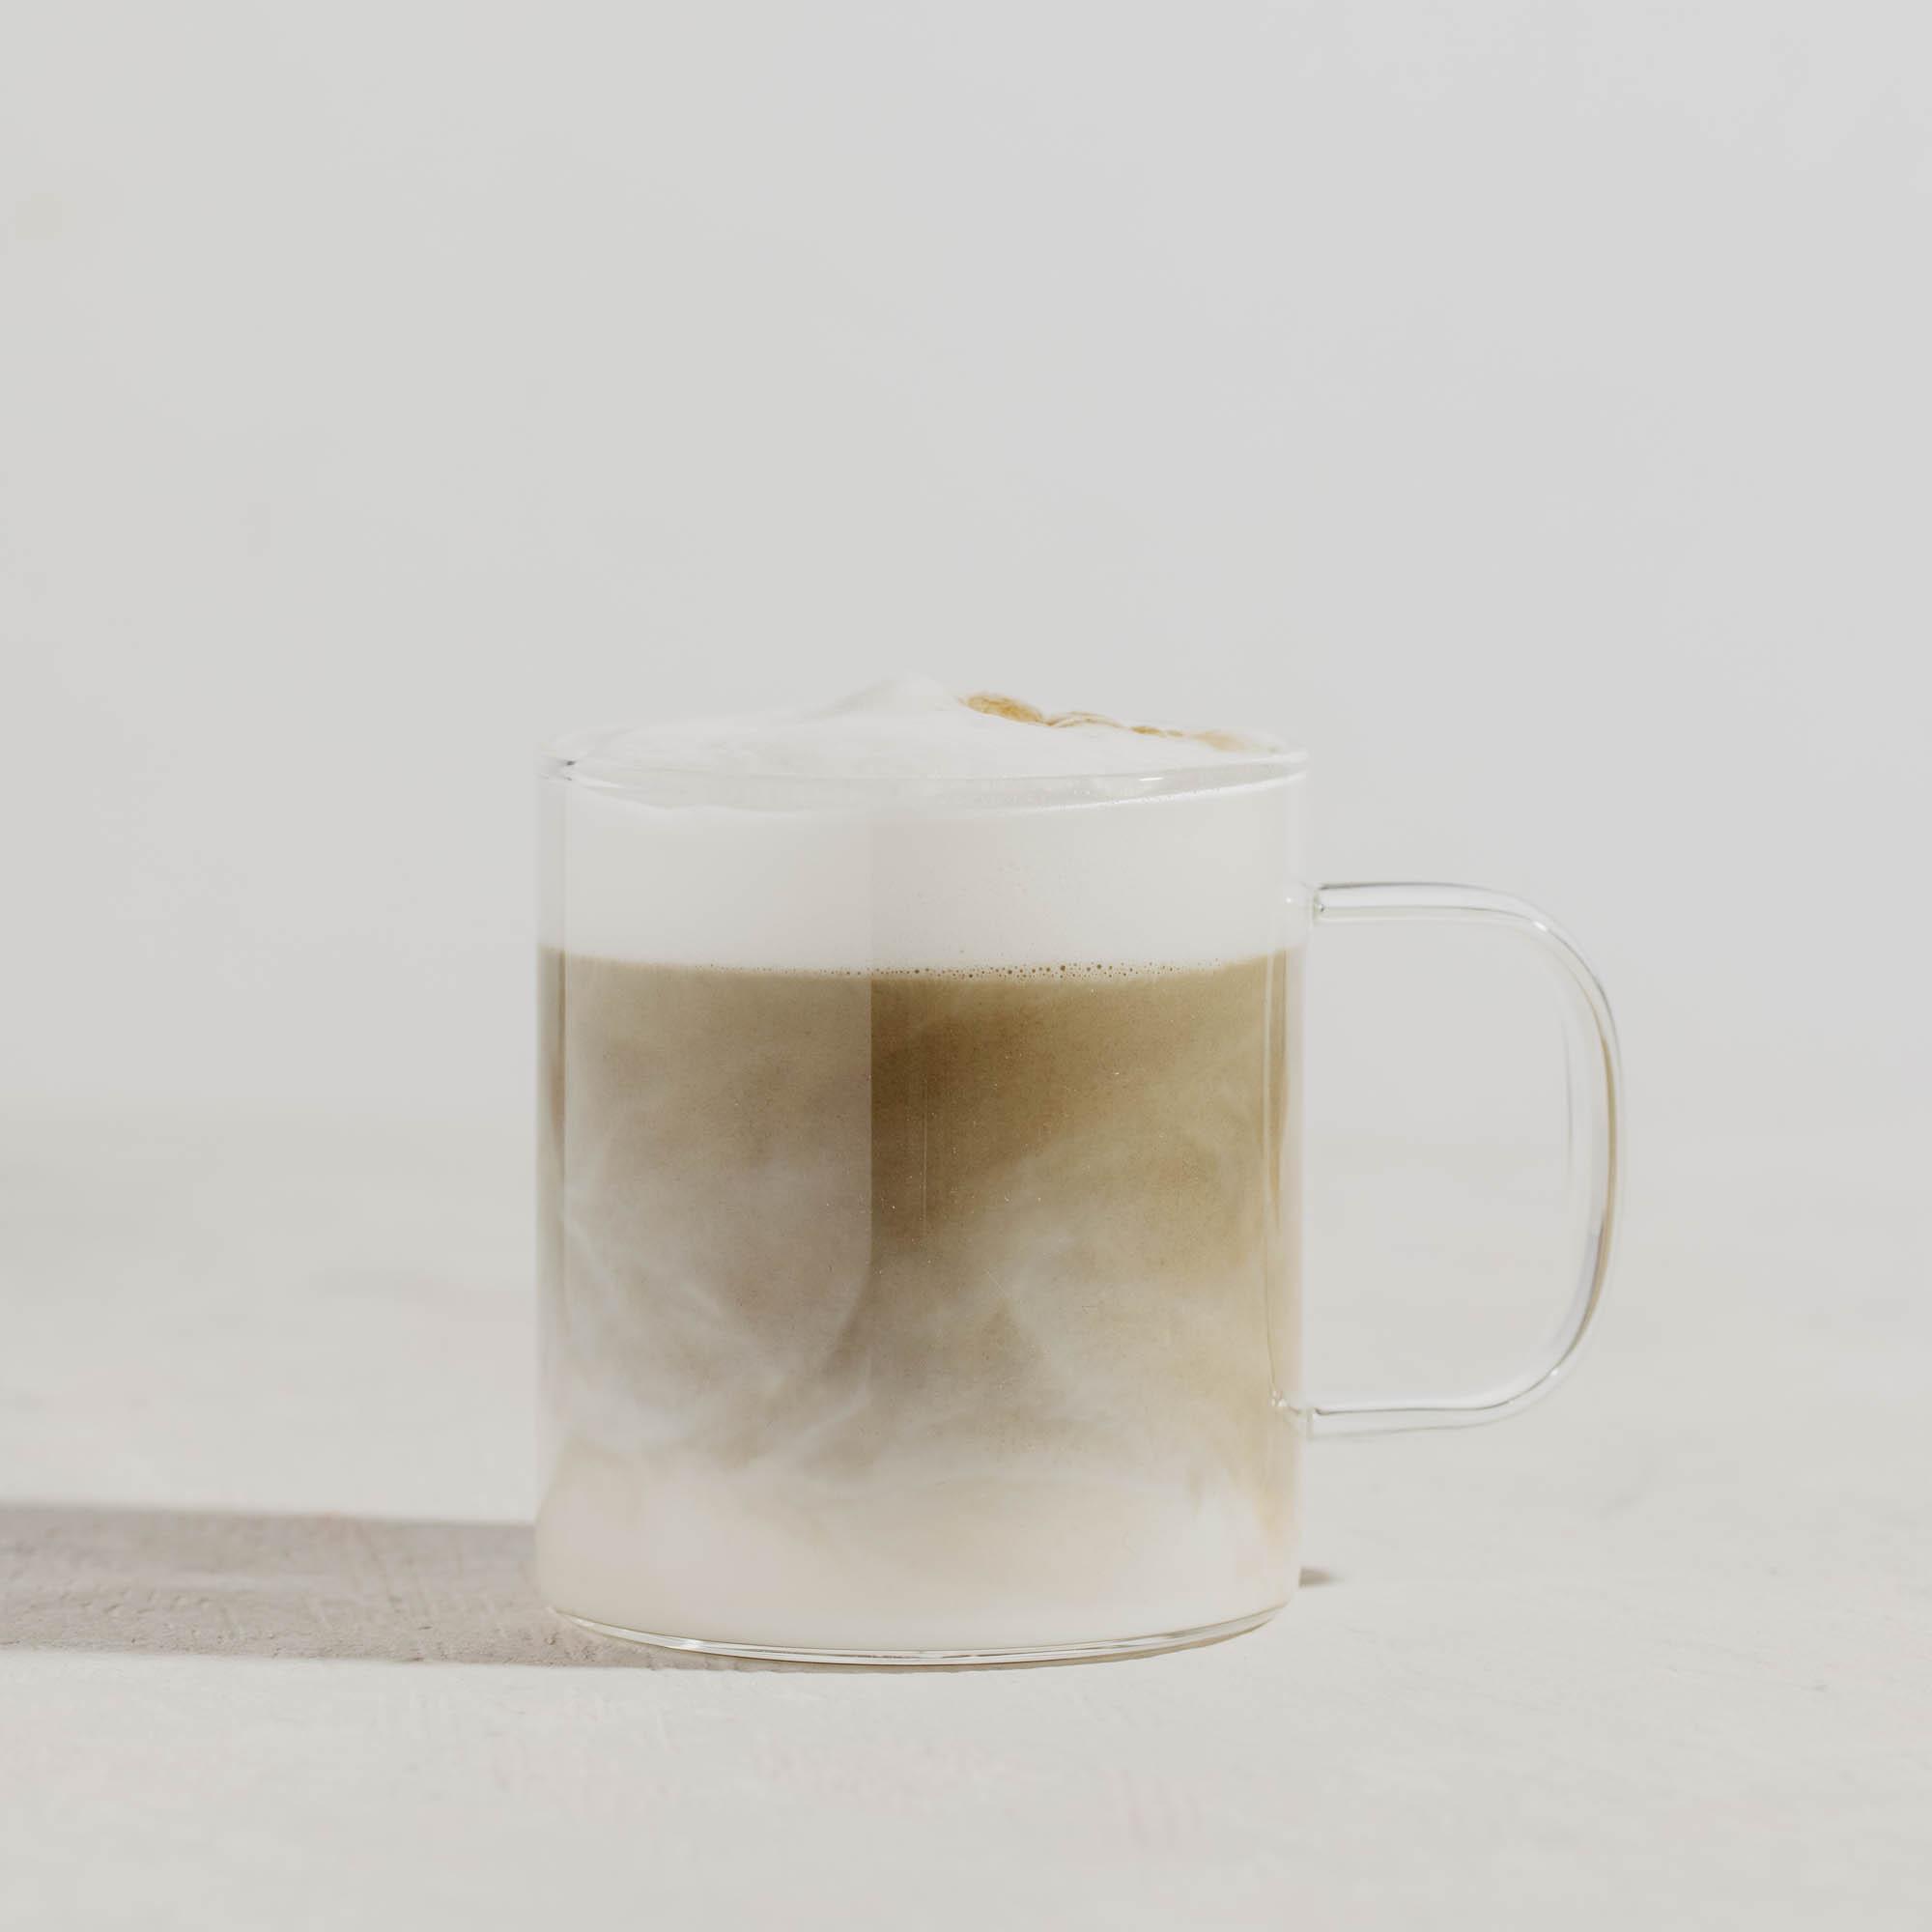 Glastasse mit Houjicha Latte und Schaumkrone auf weiß